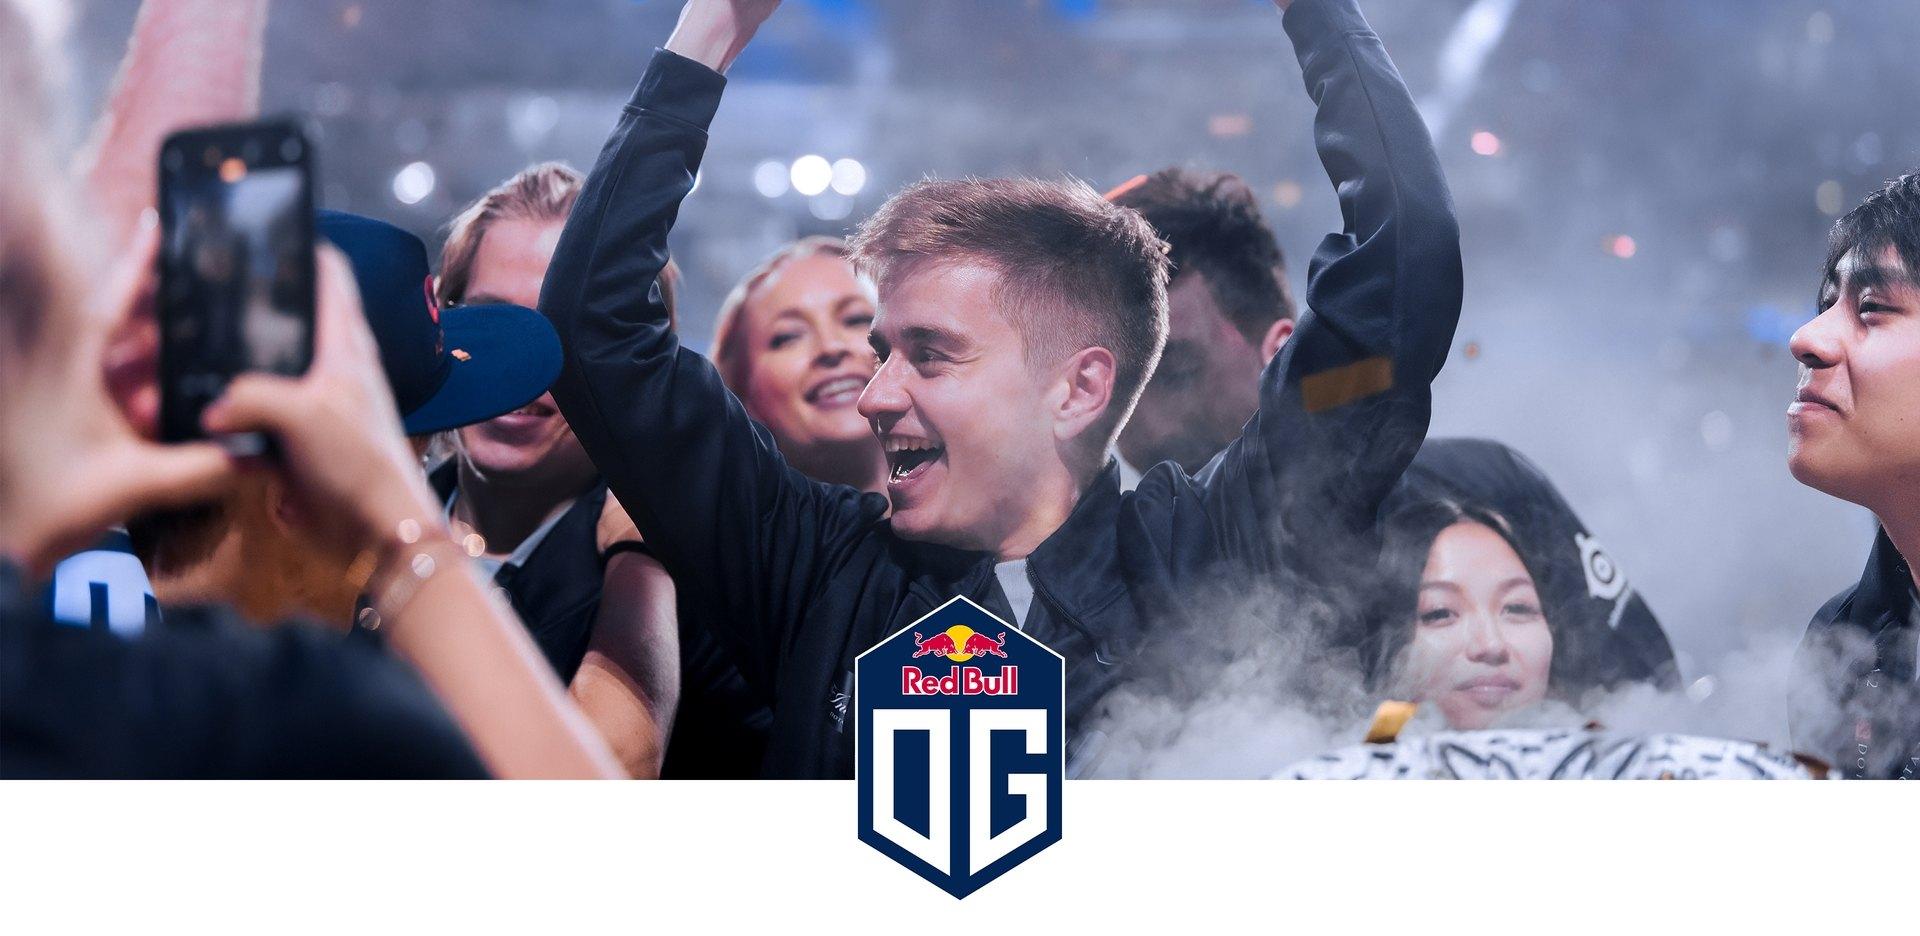 Logo de l'équipe OG, avec eux célébrant leur victoire à un tournoi